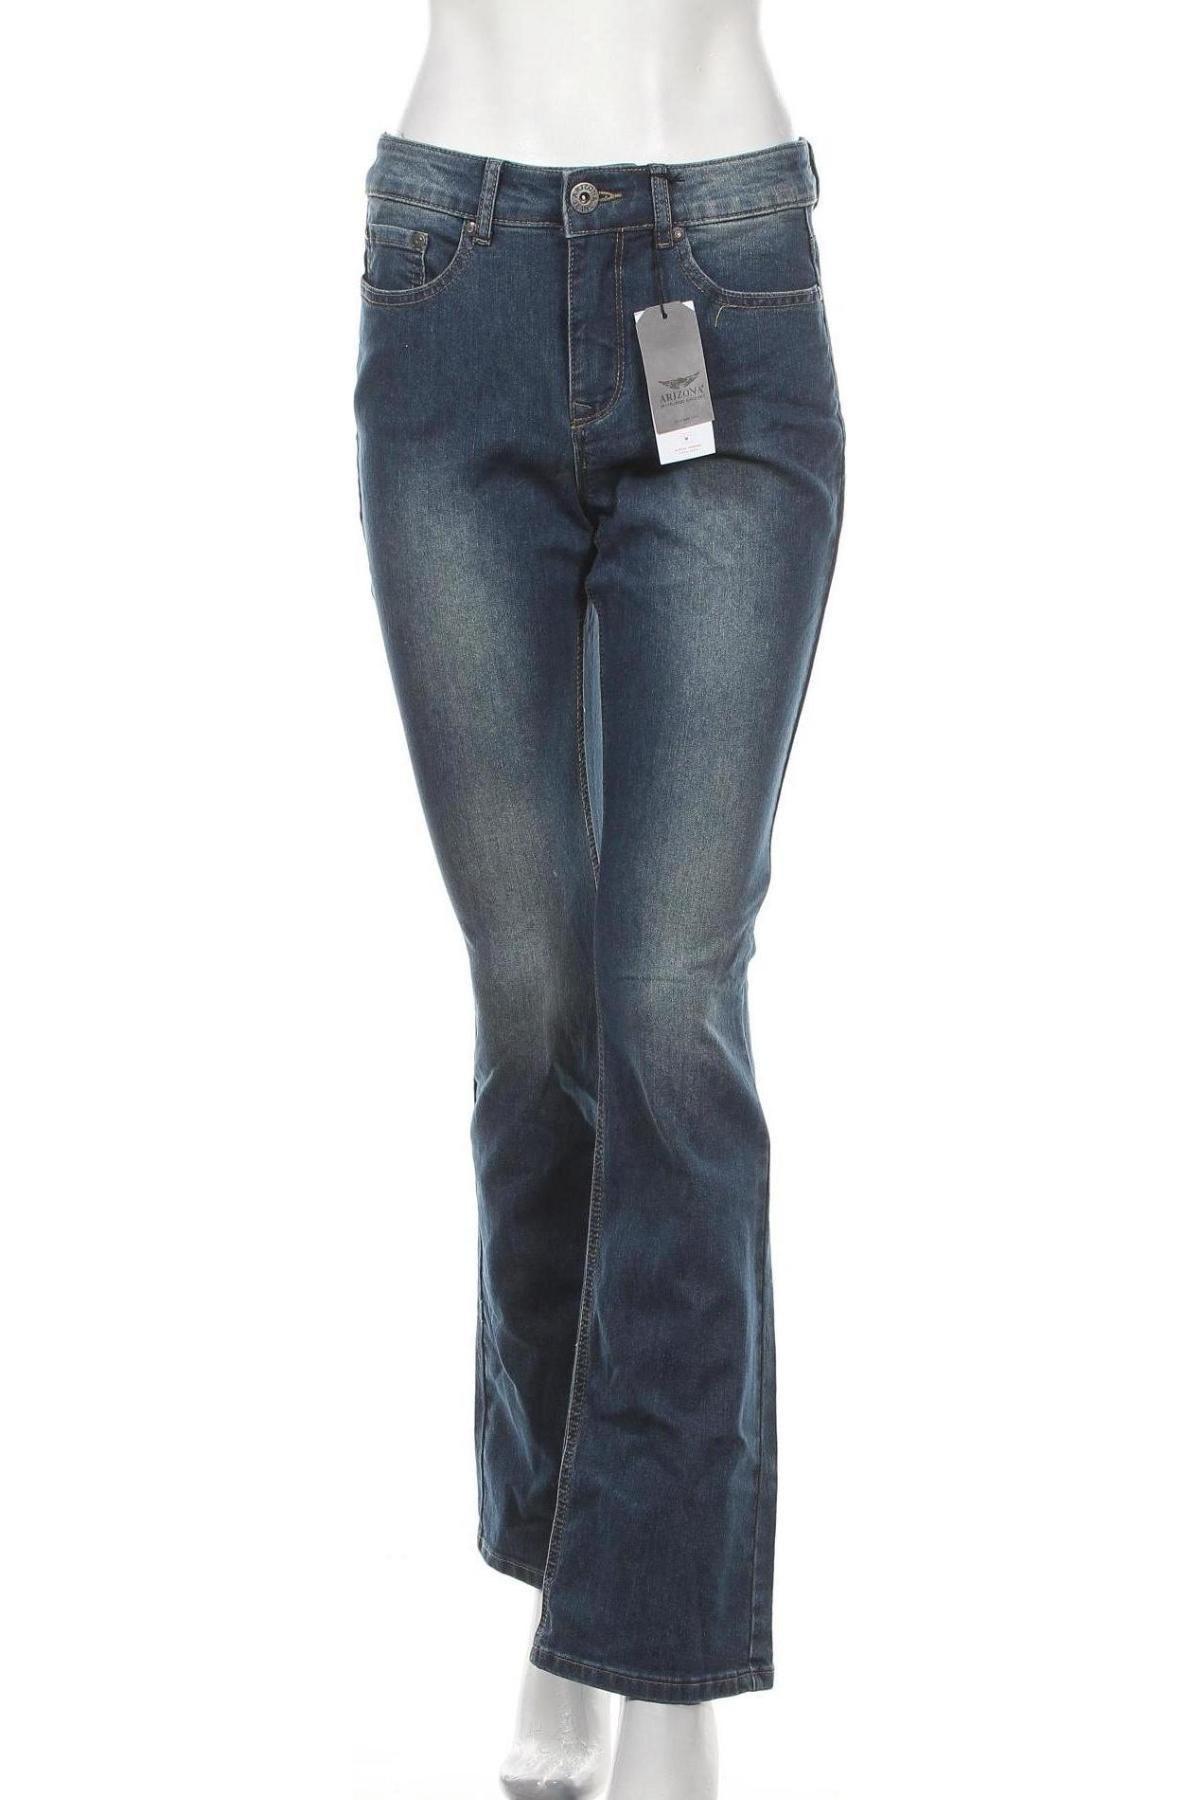 Дамски дънки Arizona, Размер M, Цвят Син, 79% памук, 19% полиестер, 2% еластан, Цена 31,74лв.